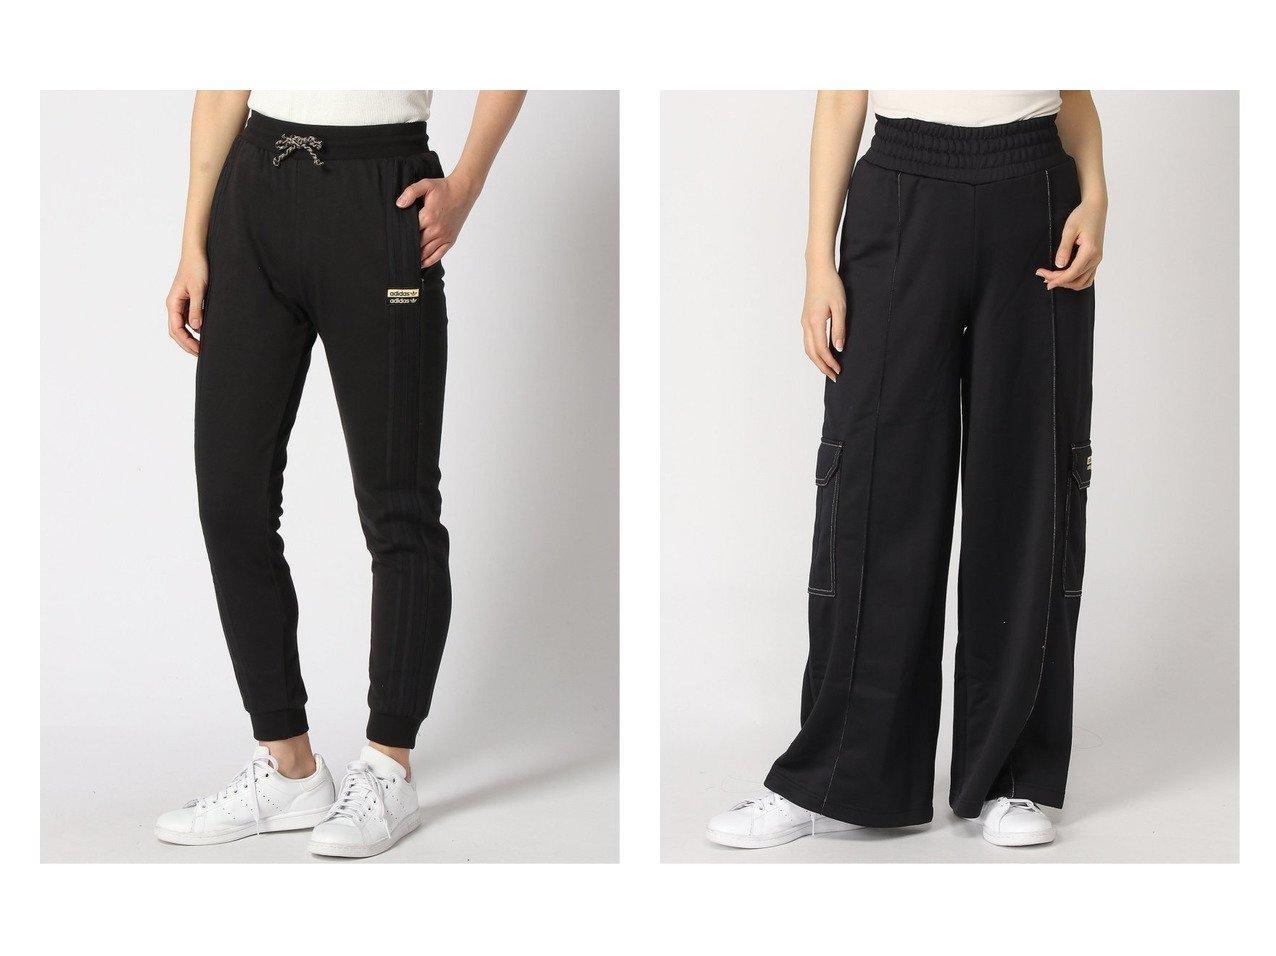 【adidas Originals/アディダス オリジナルス】のR.Y.V. トラックパンツ TRACK PANTS アディダスオリジナルス&R.Y.V. パンツ PANTS アディダスオリジナルス adidasのおすすめ!人気、トレンド・レディースファッションの通販  おすすめで人気の流行・トレンド、ファッションの通販商品 メンズファッション・キッズファッション・インテリア・家具・レディースファッション・服の通販 founy(ファニー) https://founy.com/ ファッション Fashion レディースファッション WOMEN パンツ Pants アウトドア ジーンズ ストライプ ドローコード フレンチ リップ リラックス 再入荷 Restock/Back in Stock/Re Arrival カーゴパンツ コレクション ポケット |ID:crp329100000020210